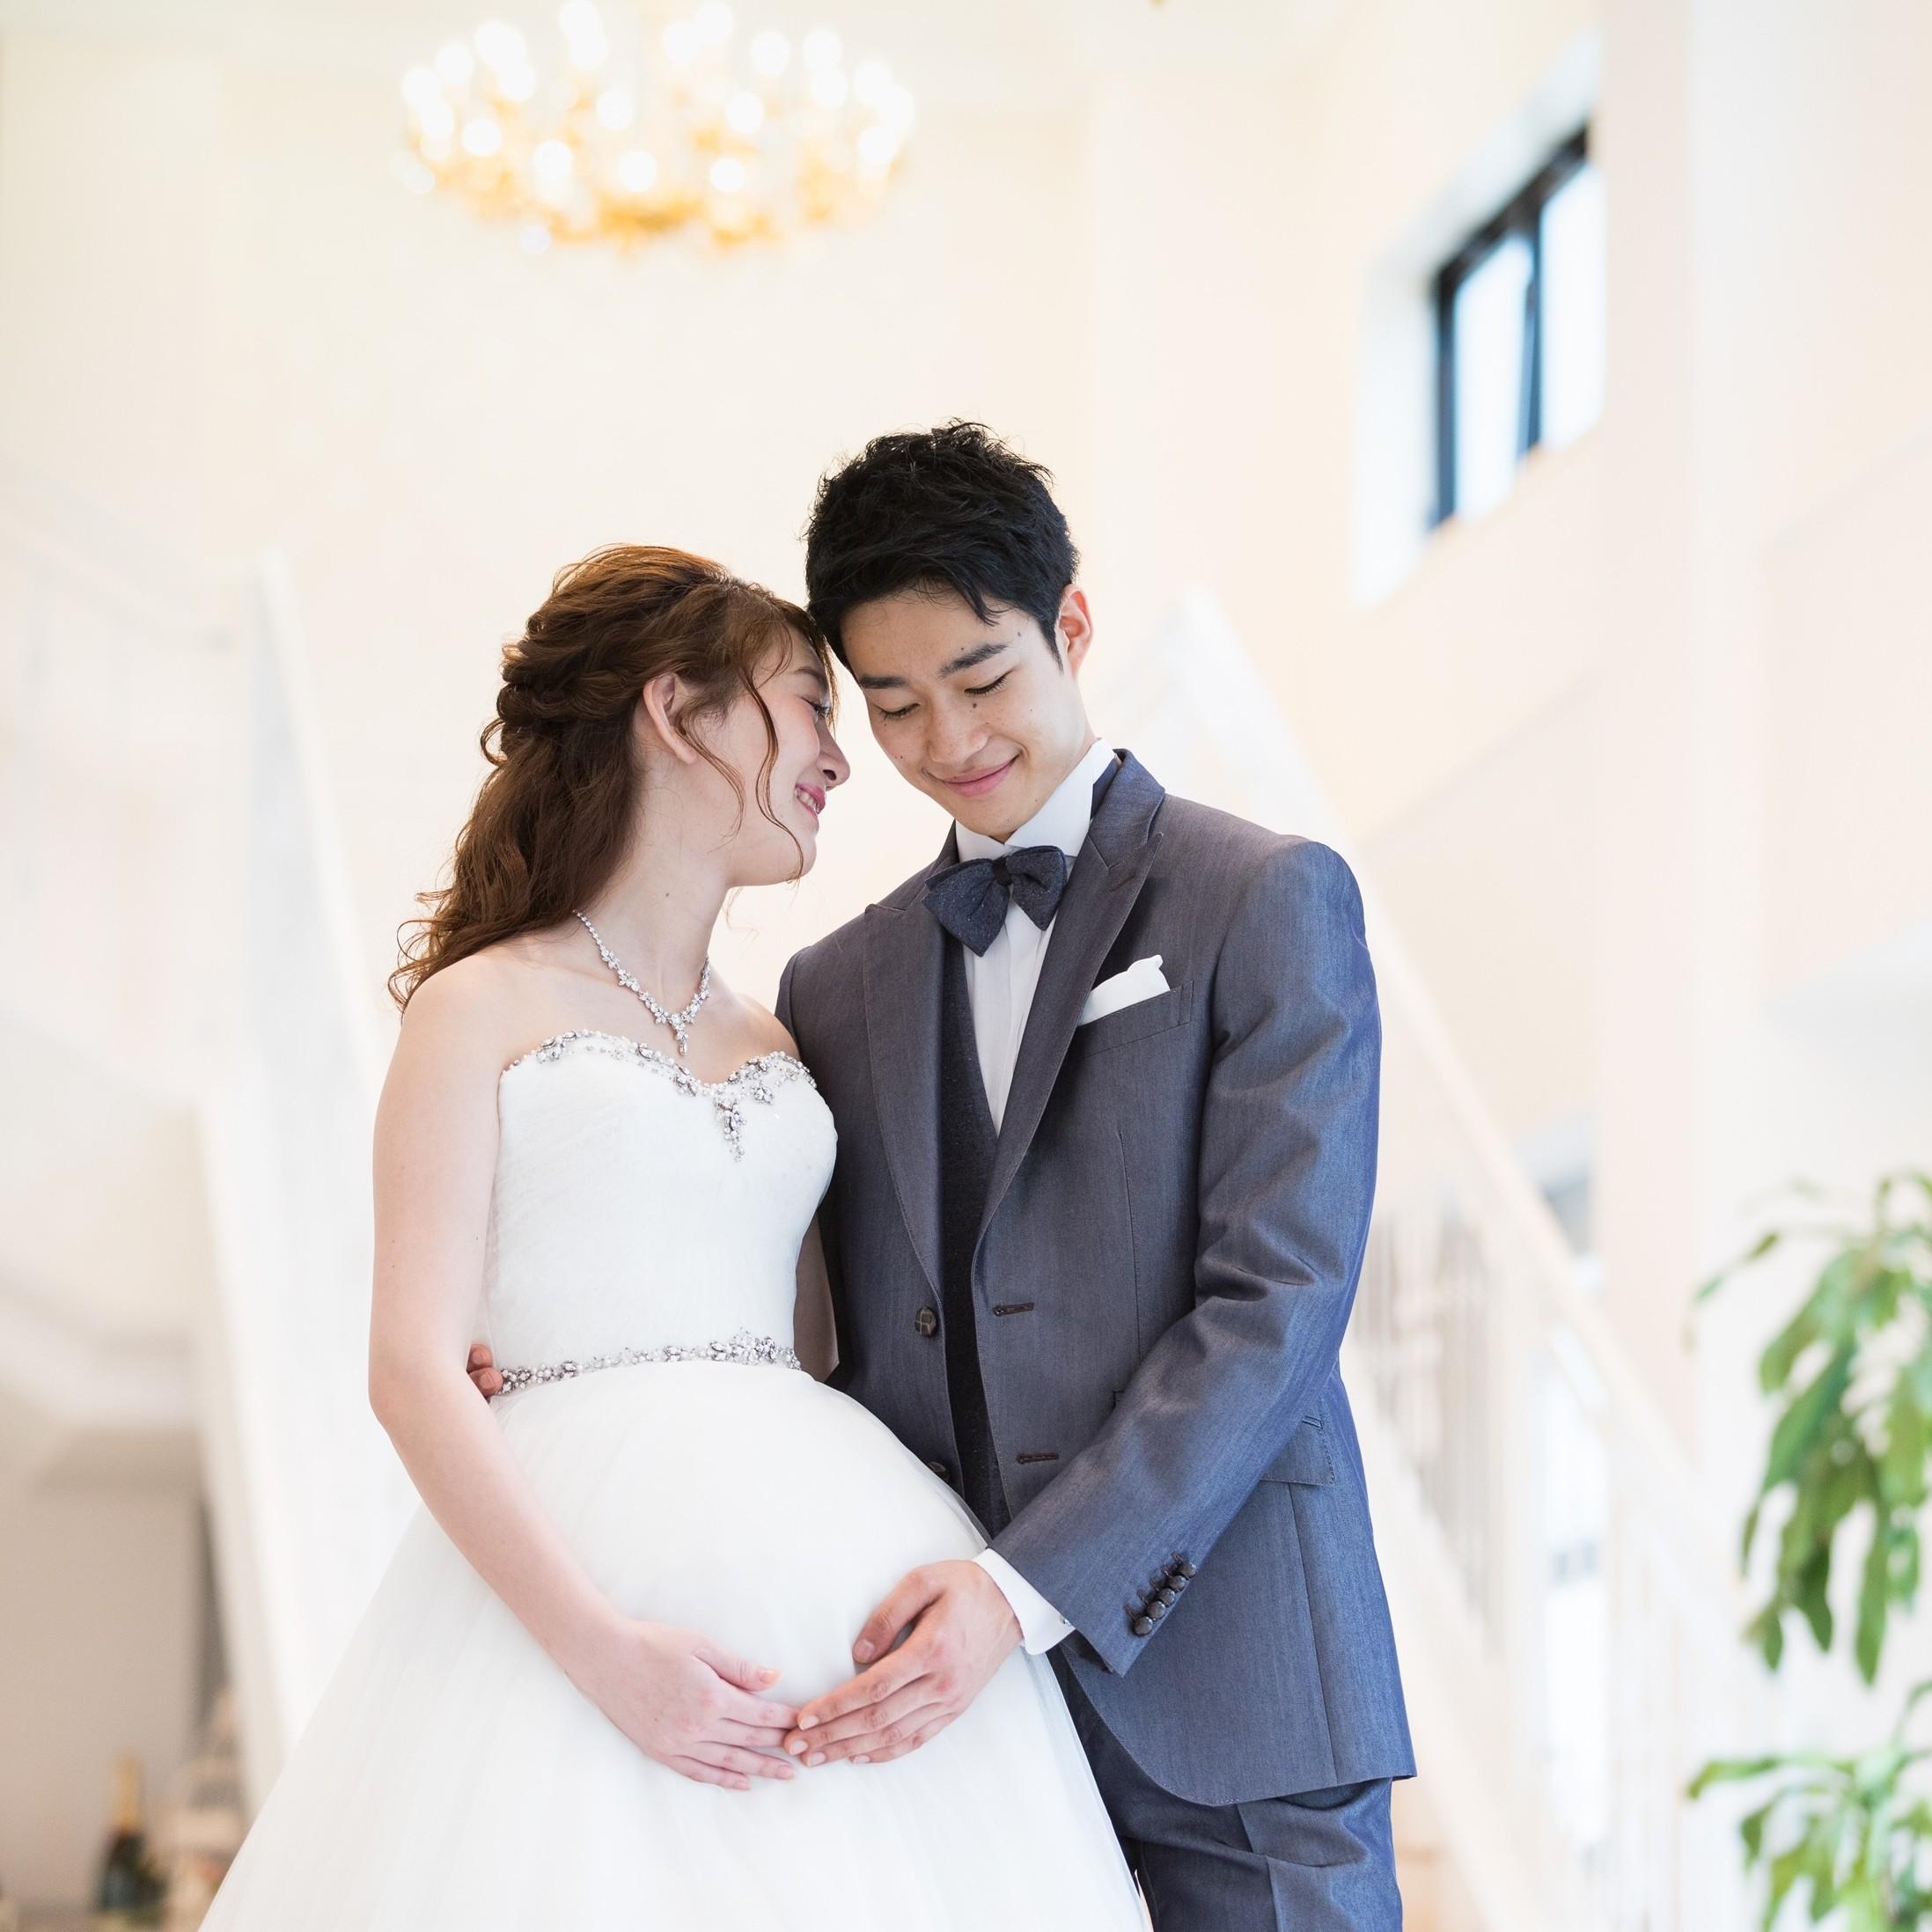 ◇◆50名117万円◆◇マタニティ&パパママ婚プラン♪